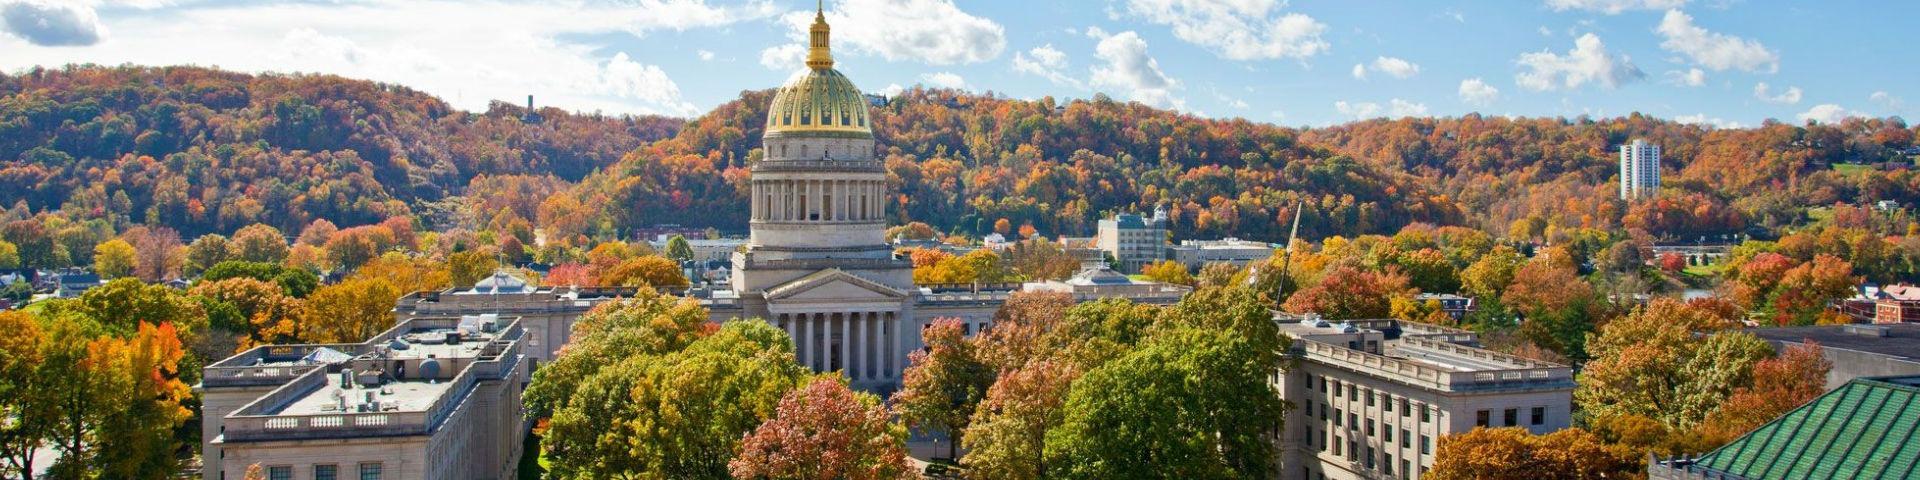 БК DraftKings запустила мобильное приложение в Западной Вирджинии